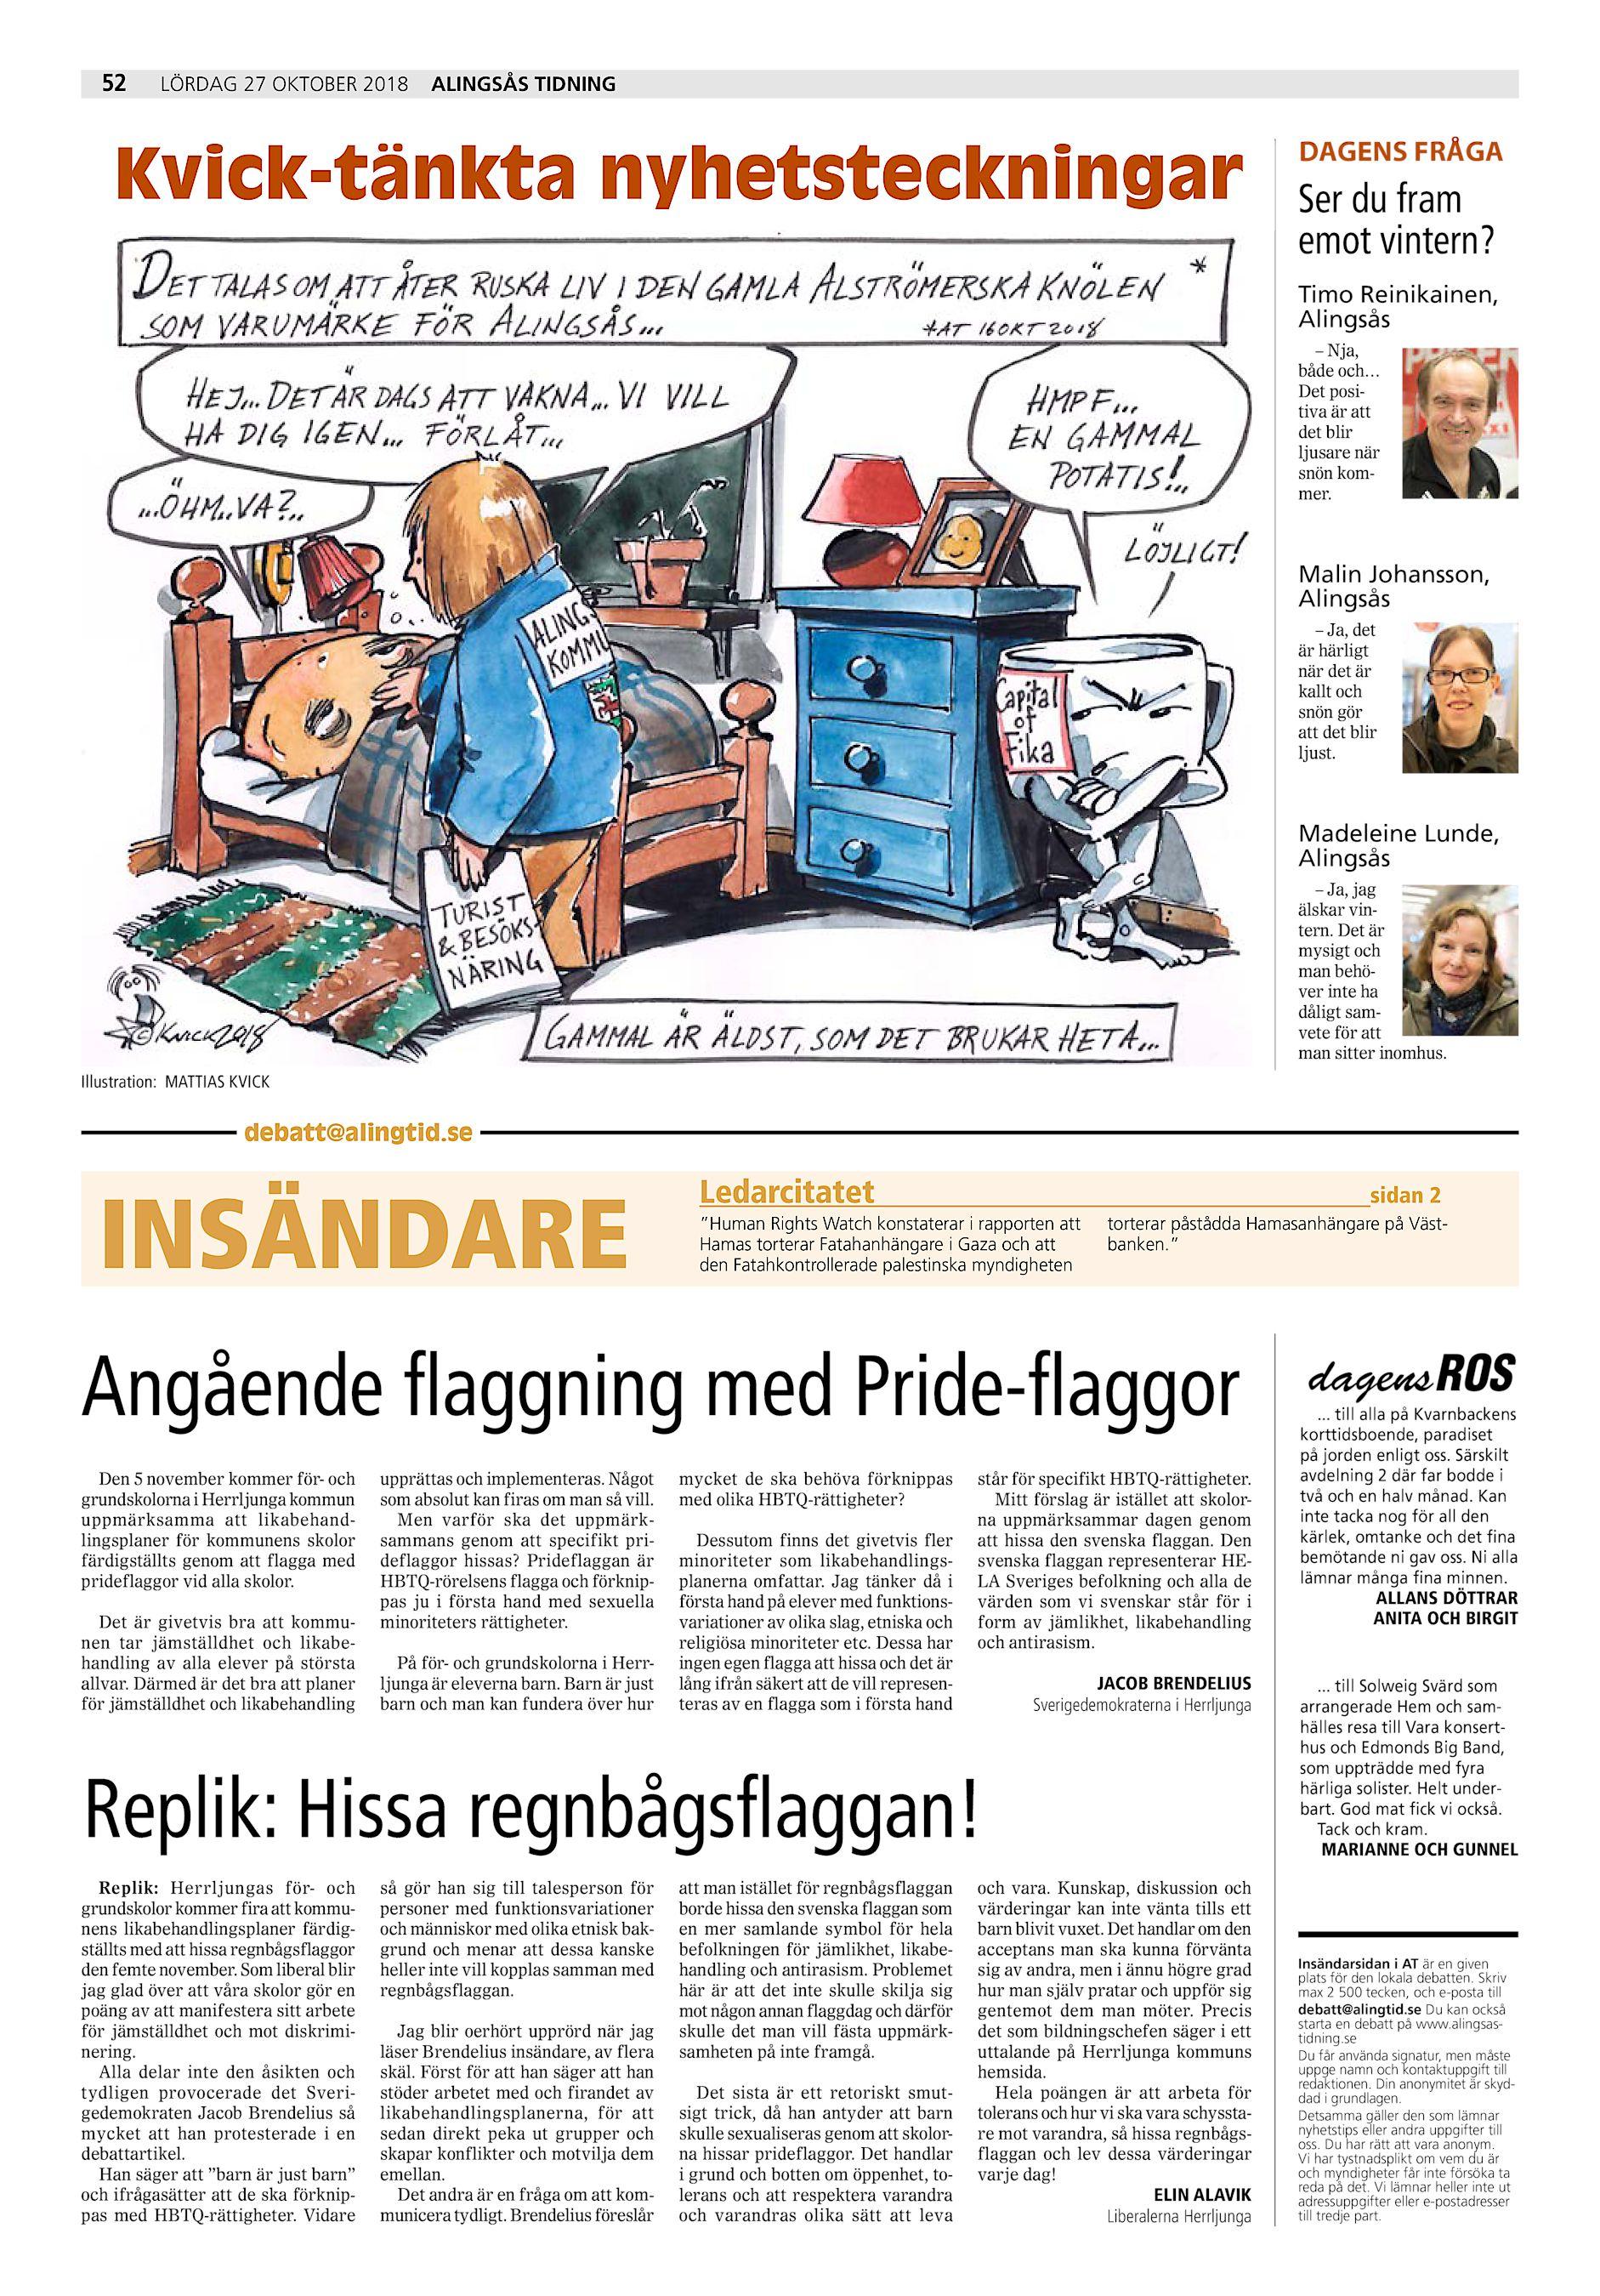 60d32463fac8 52 lördag 27 oktober 2018 Alingsås Tidning Kvick-tänkta nyhetsteckningar  DAGENS FRÅGA Ser du fram emot vintern? Timo Reinikainen, Alingsås – Nja,  både och…